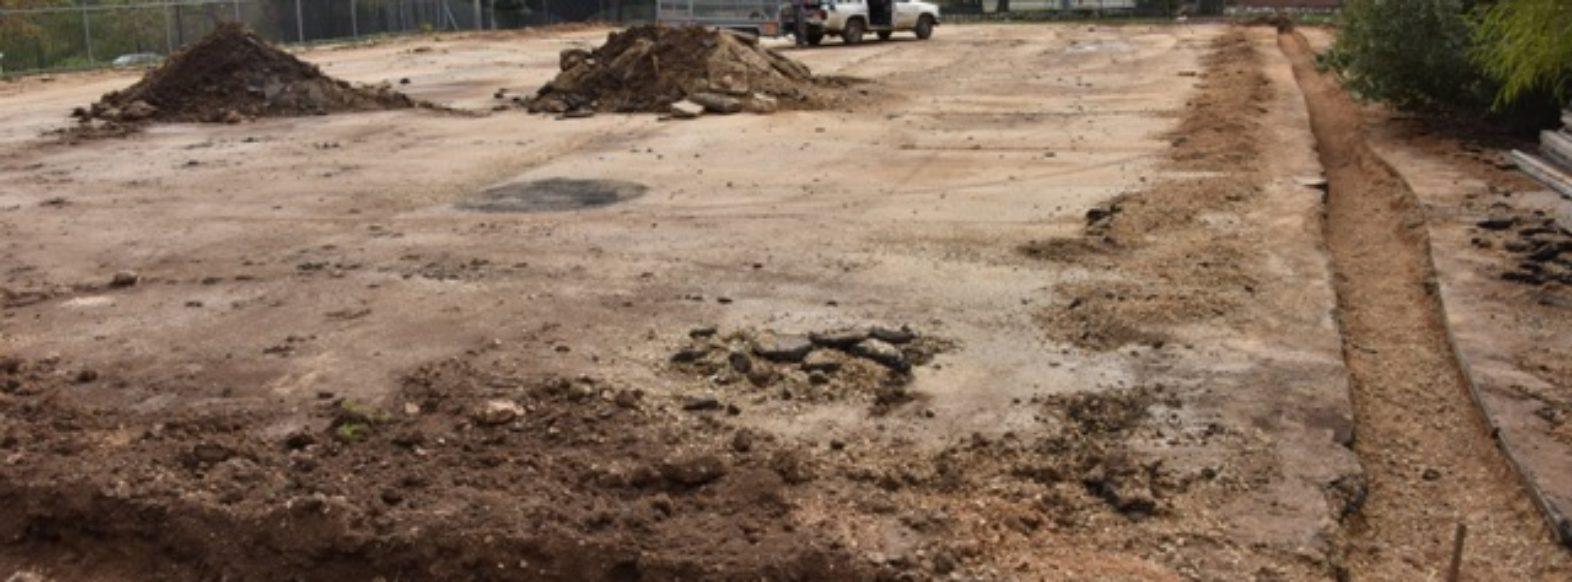 עיריית קרית אתא משפצת את פארק אברהם ברחוב בן עמי